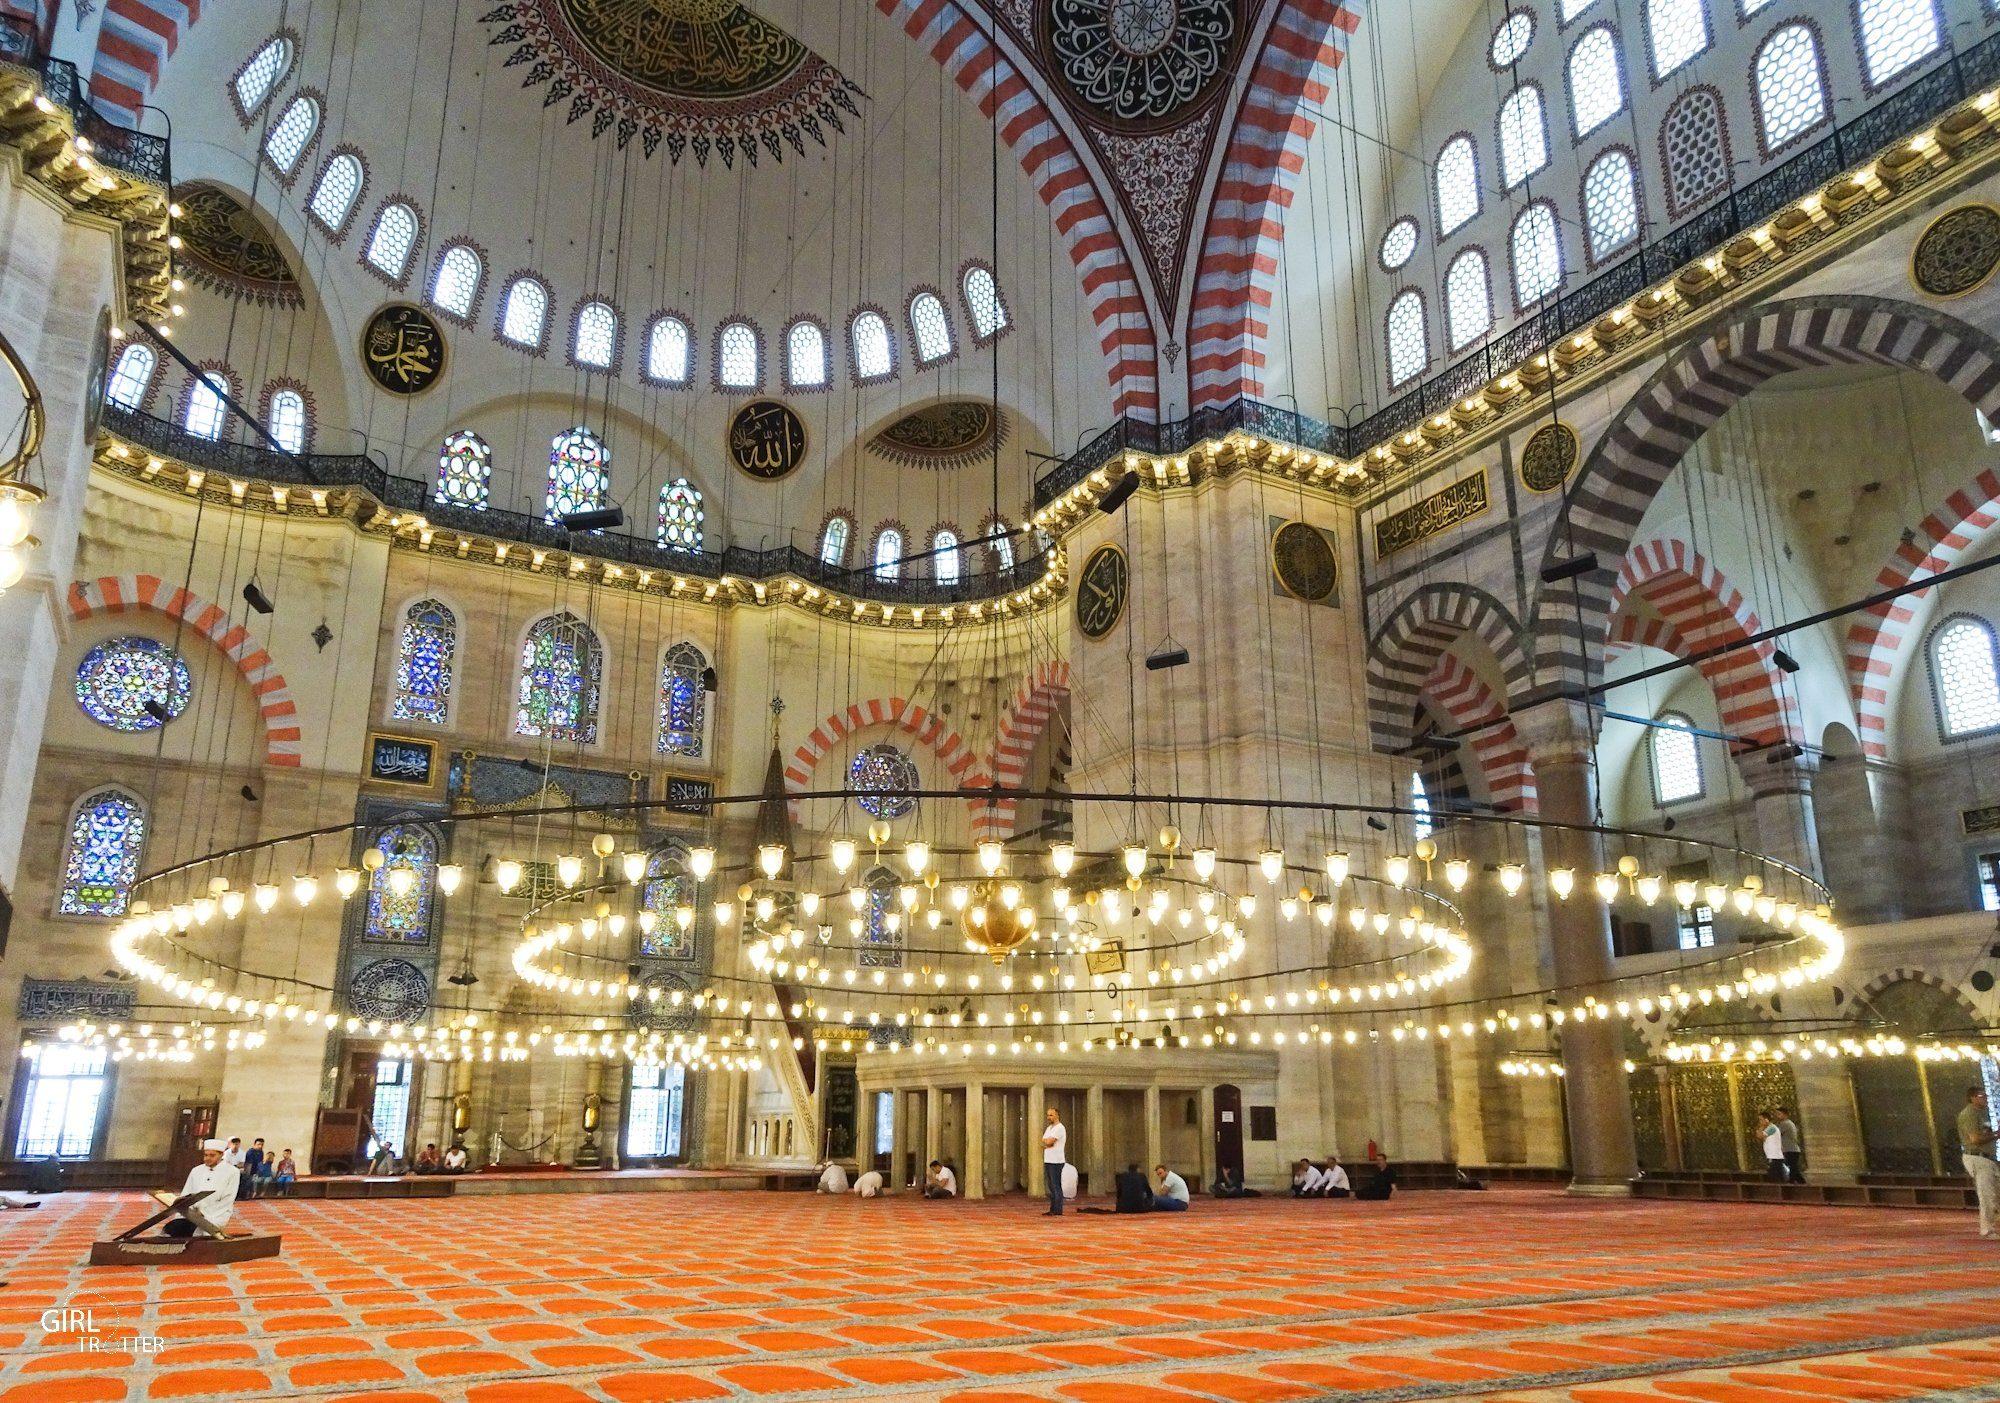 Interieur de la mosquee de Soliman le Magnifique